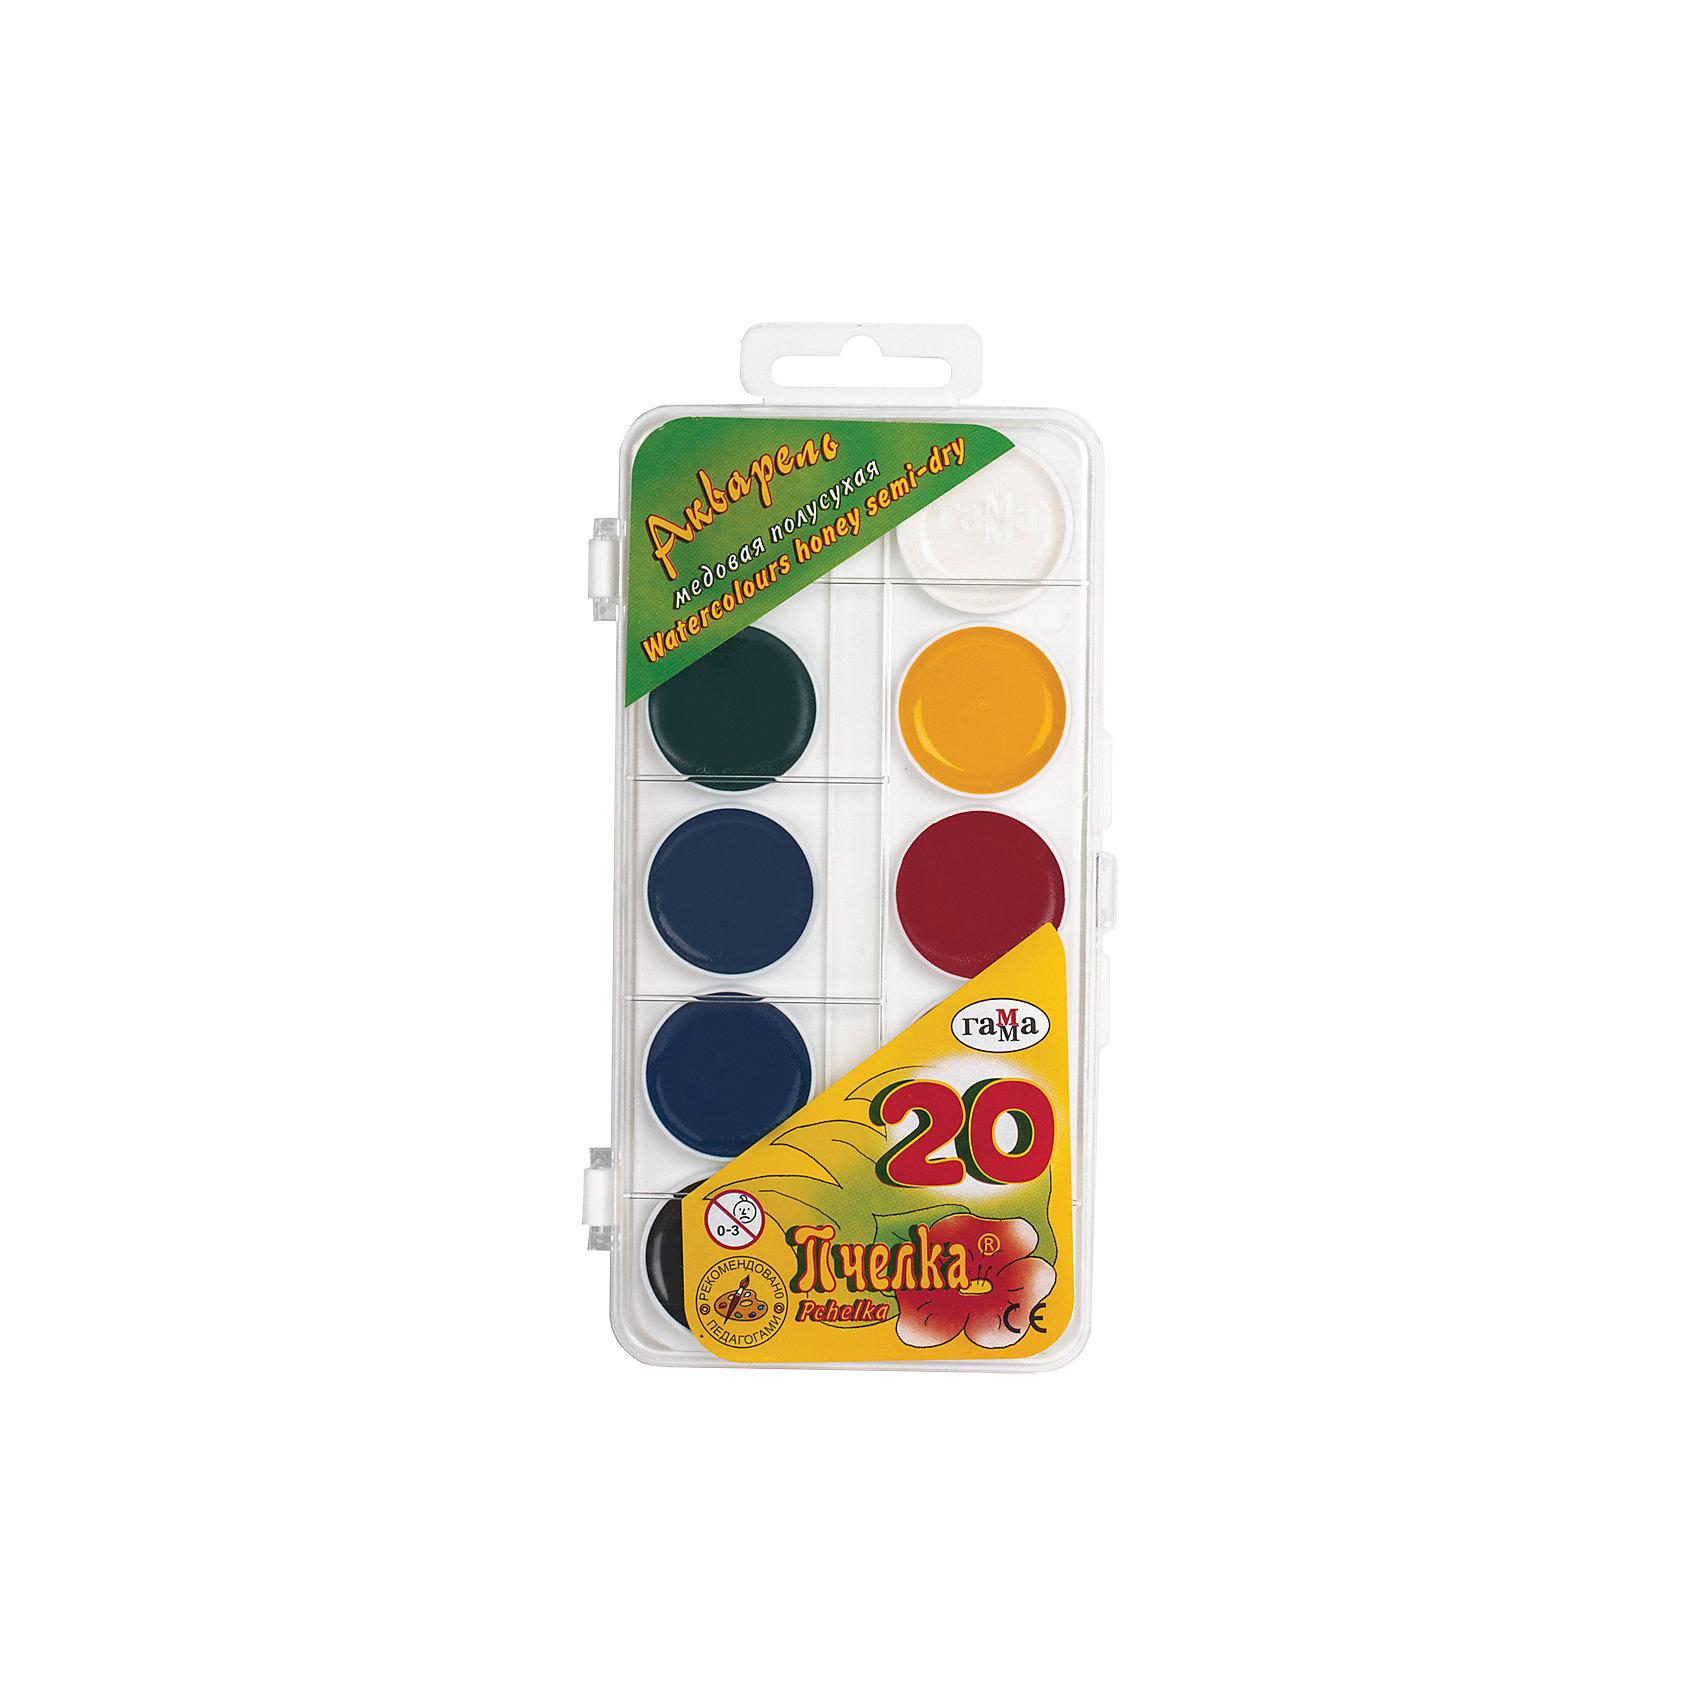 Акварельные краски Пчелка, 20 цв.Краски в пластиковой коробке содержат стойкие и яркие пигменты, что позволяет получать насыщенные изображения с эффектом бархатистости цвета. Краски изготовлены с добавлением натуральной патоки и пчелиного меда.<br><br>Ширина мм: 85<br>Глубина мм: 15<br>Высота мм: 170<br>Вес г: 115<br>Возраст от месяцев: 36<br>Возраст до месяцев: 2147483647<br>Пол: Унисекс<br>Возраст: Детский<br>SKU: 4827988